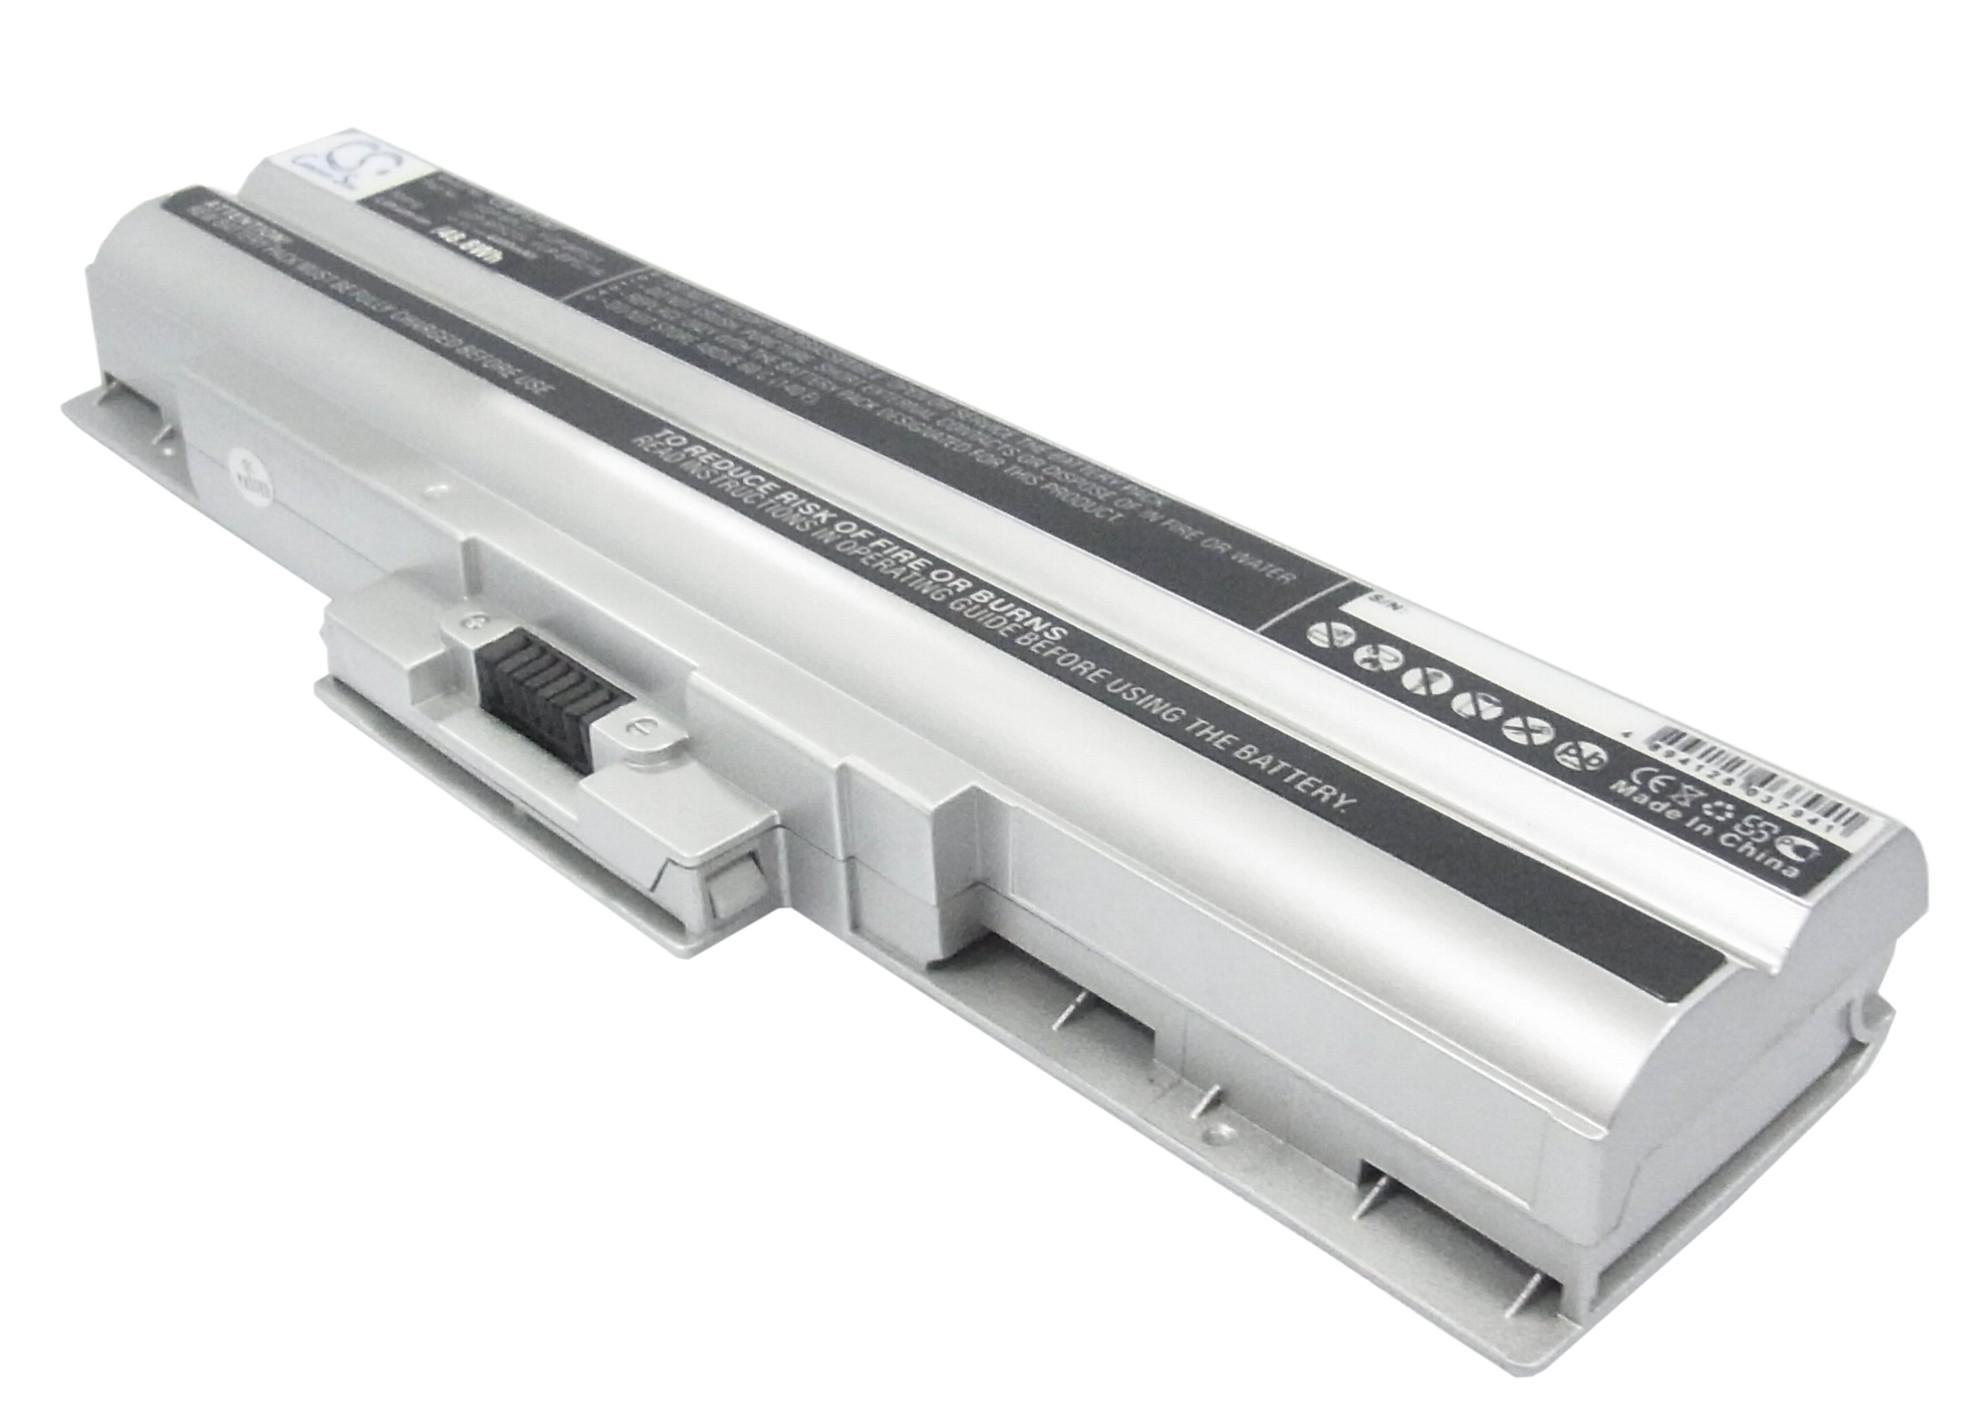 Cameron Sino baterie do notebooků pro SONY VAIO VGN-CS36GJ/C 11.1V Li-ion 4400mAh stříbrná - neoriginální